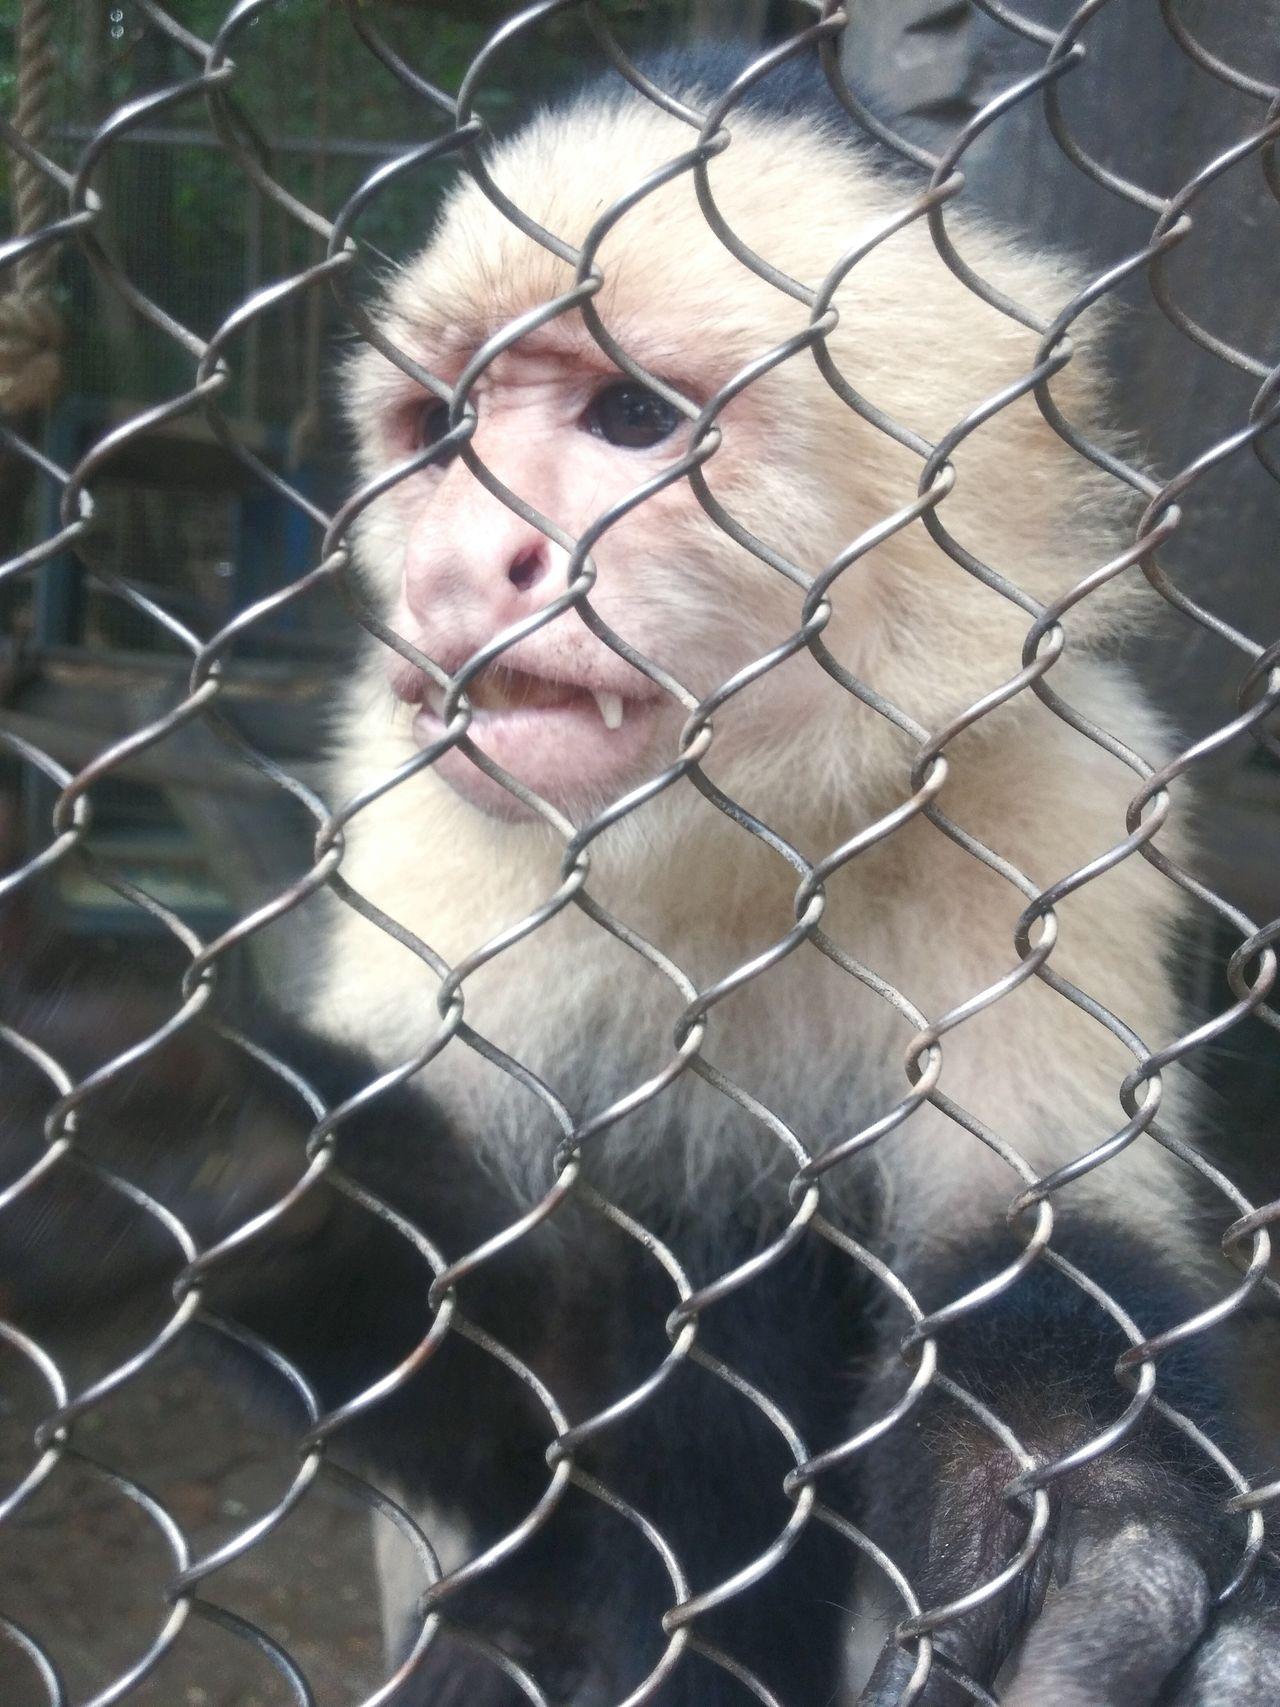 Animals Animals In Captivity Zoos Monkey Anti Animal Abuse Sad Depressed Monkey Caged Animals Exotic Animals Antizoo Caged Monkey Depressing